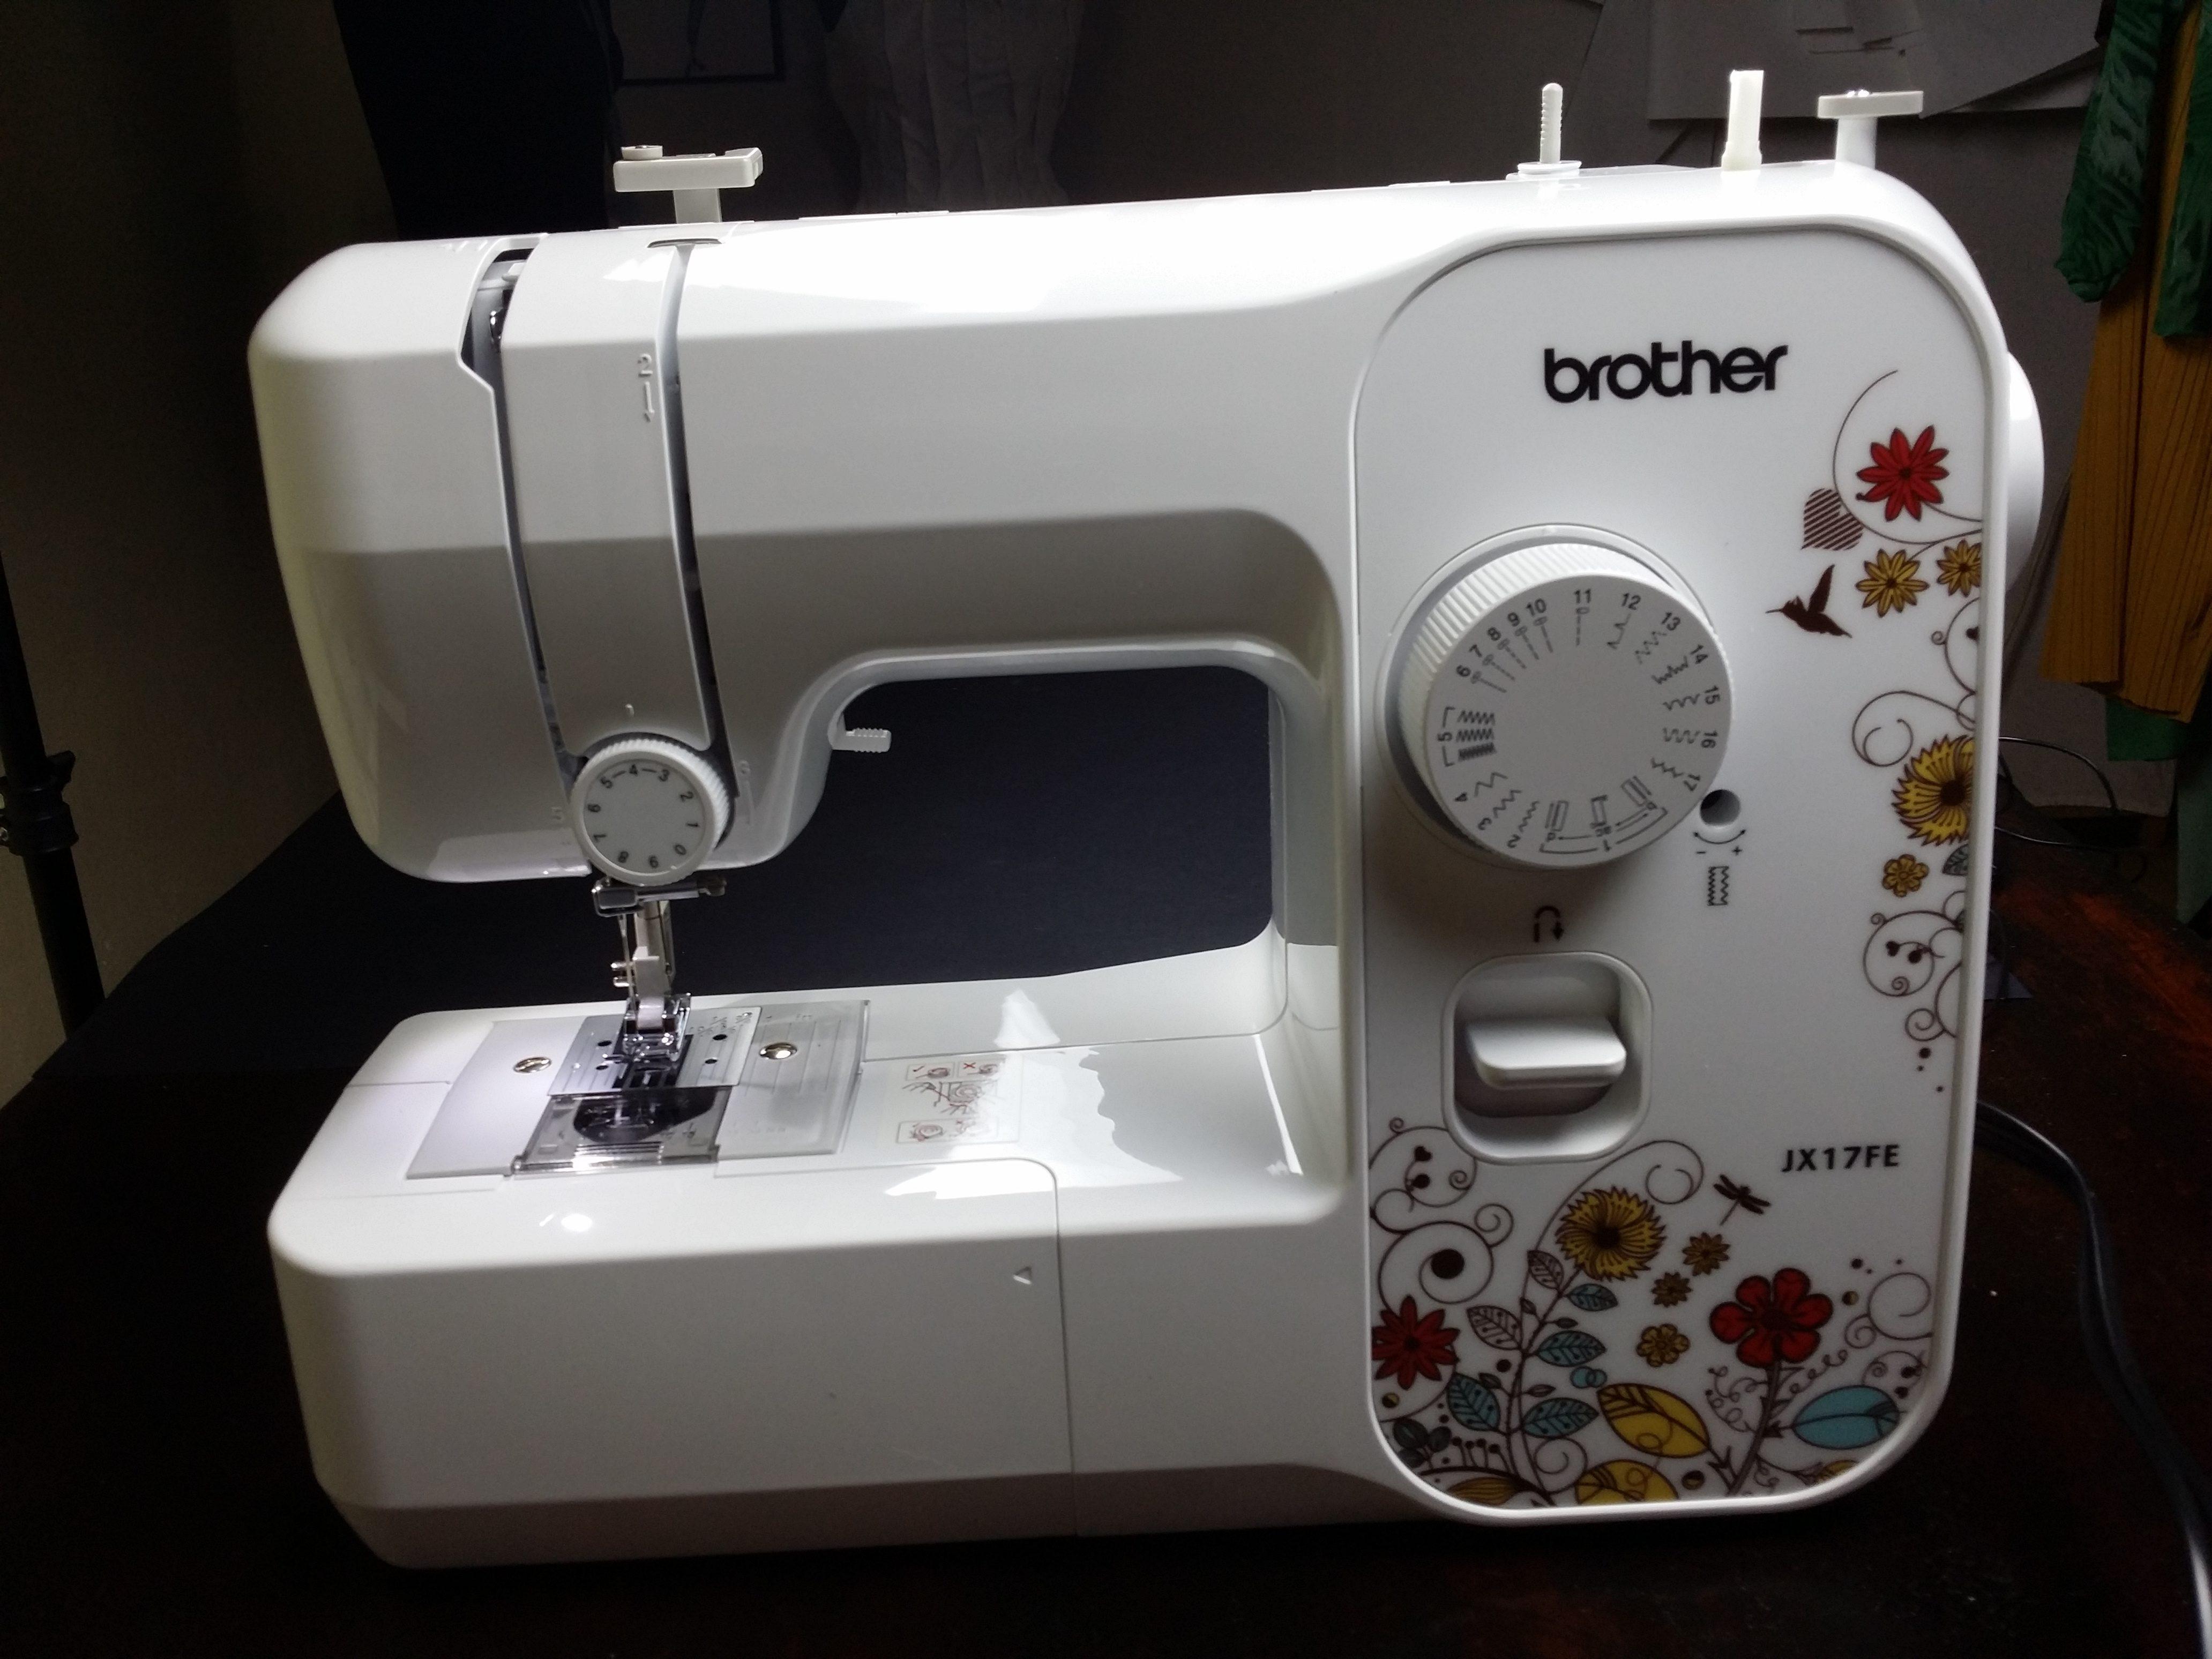 Piedino Accessorio Flower Stitch Macchine da per Cucire Decorazioni Circolari